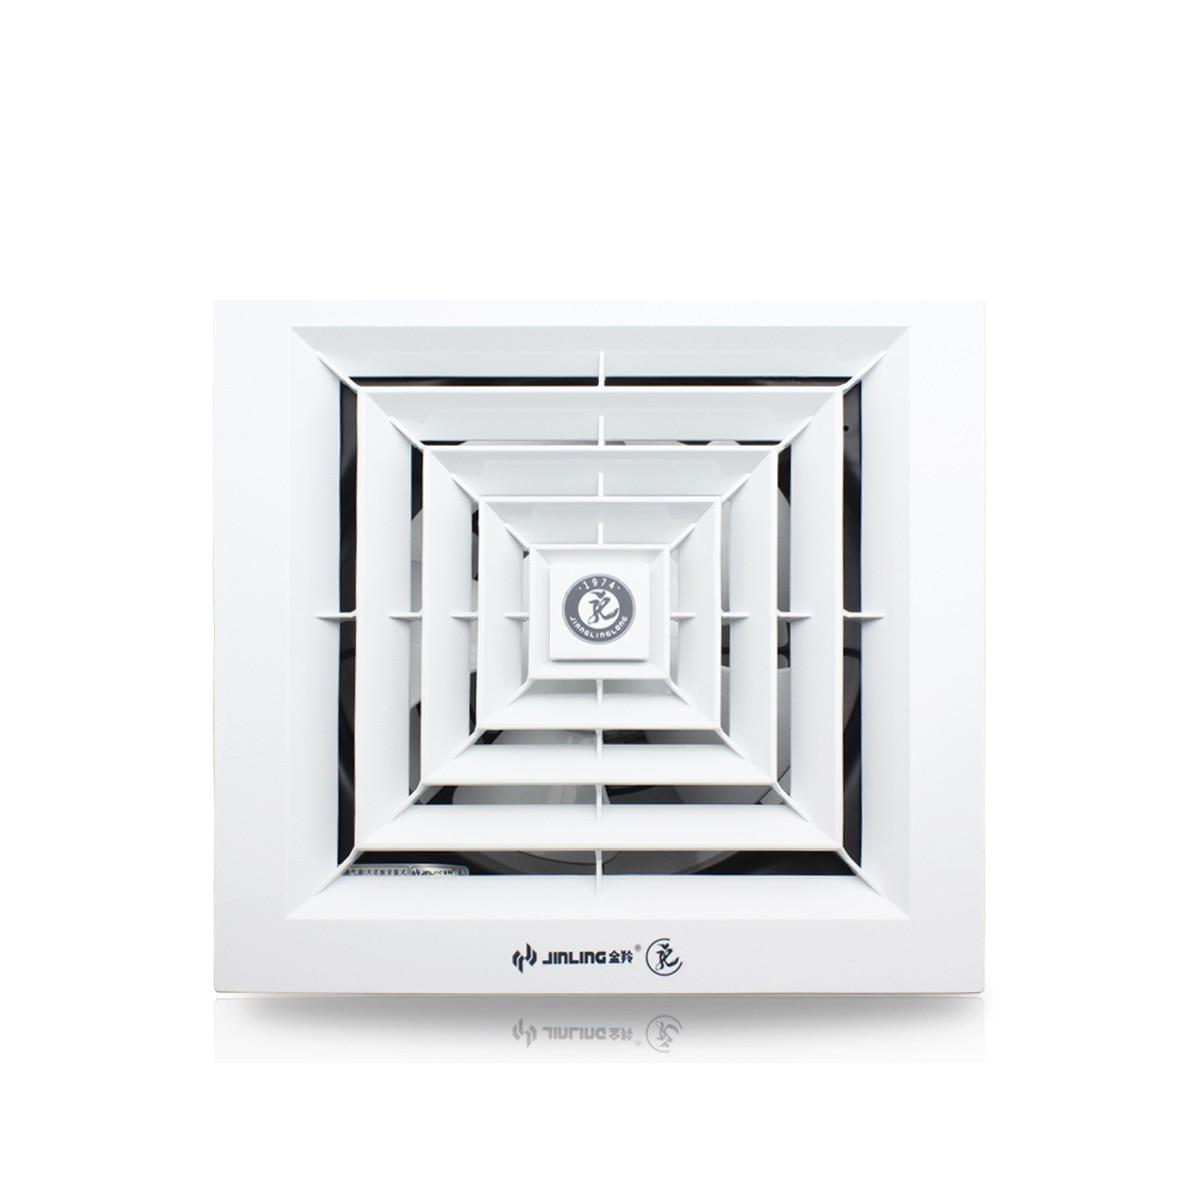 8 inch / 10 inch fan toilet exhaust fan give expulsion typely ...